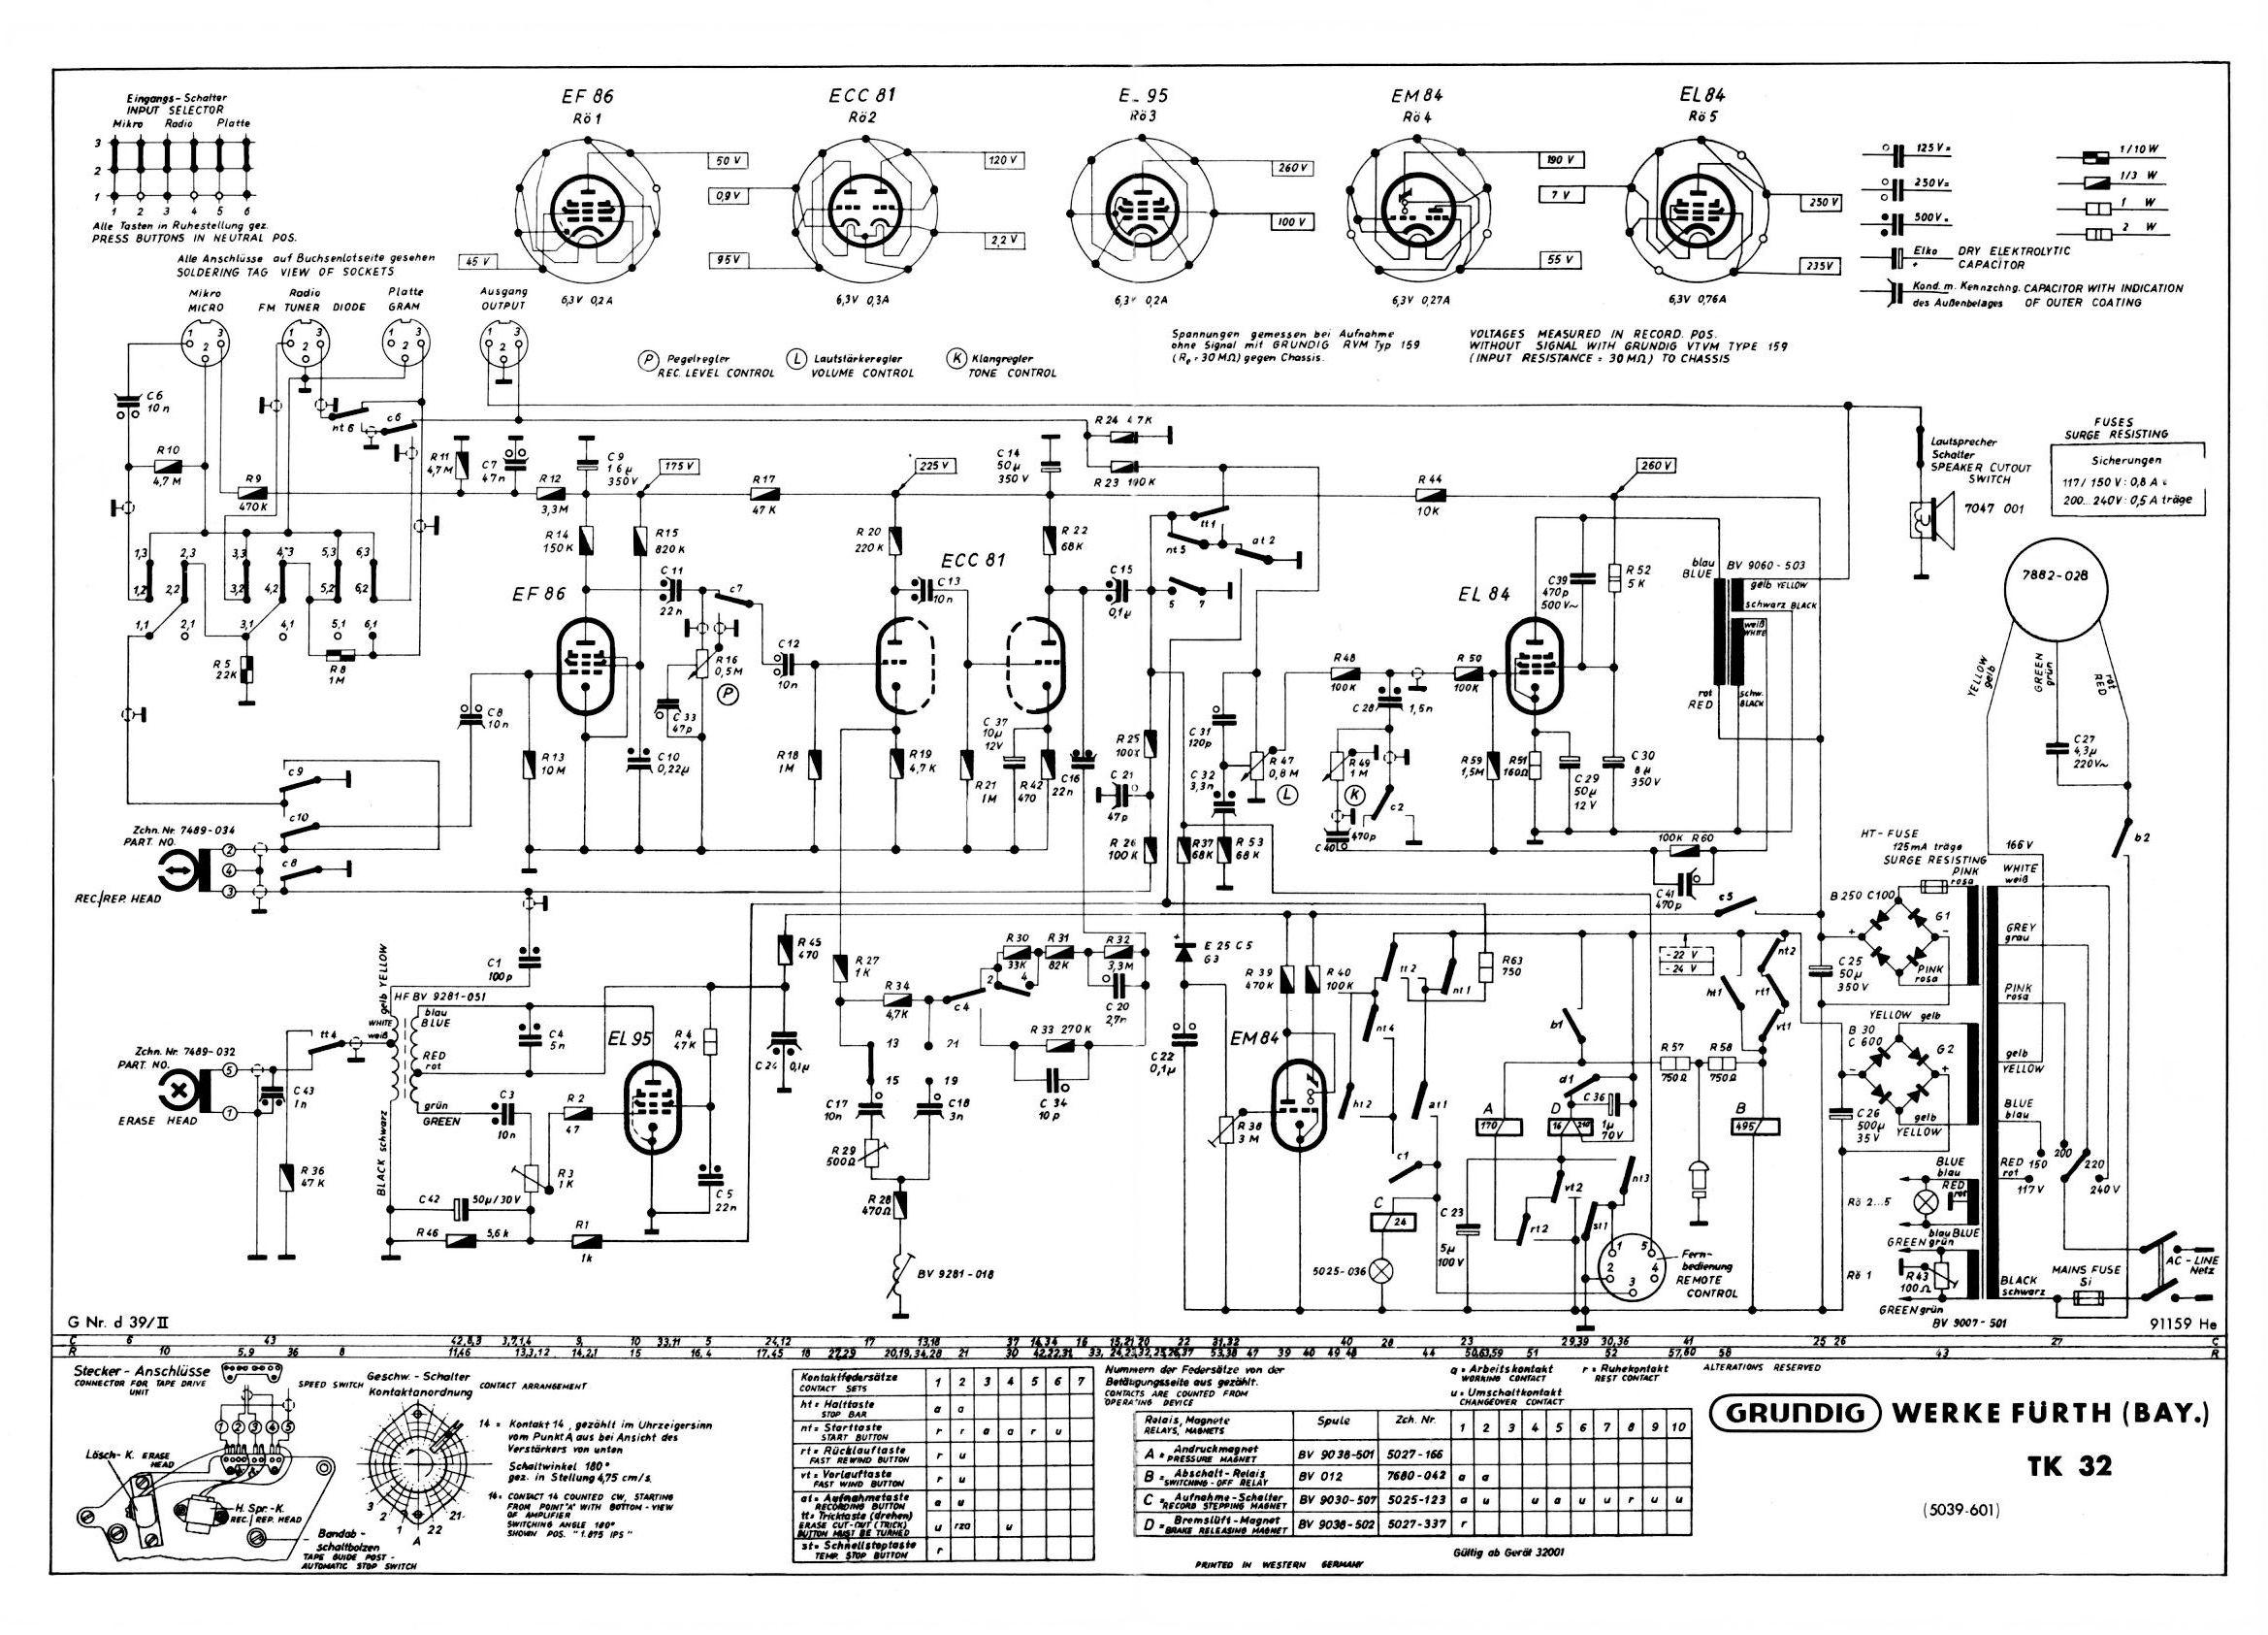 Schemi Elettrici Giradischi Lesa : Schemi elettrici lesa http webalice introduzione agli